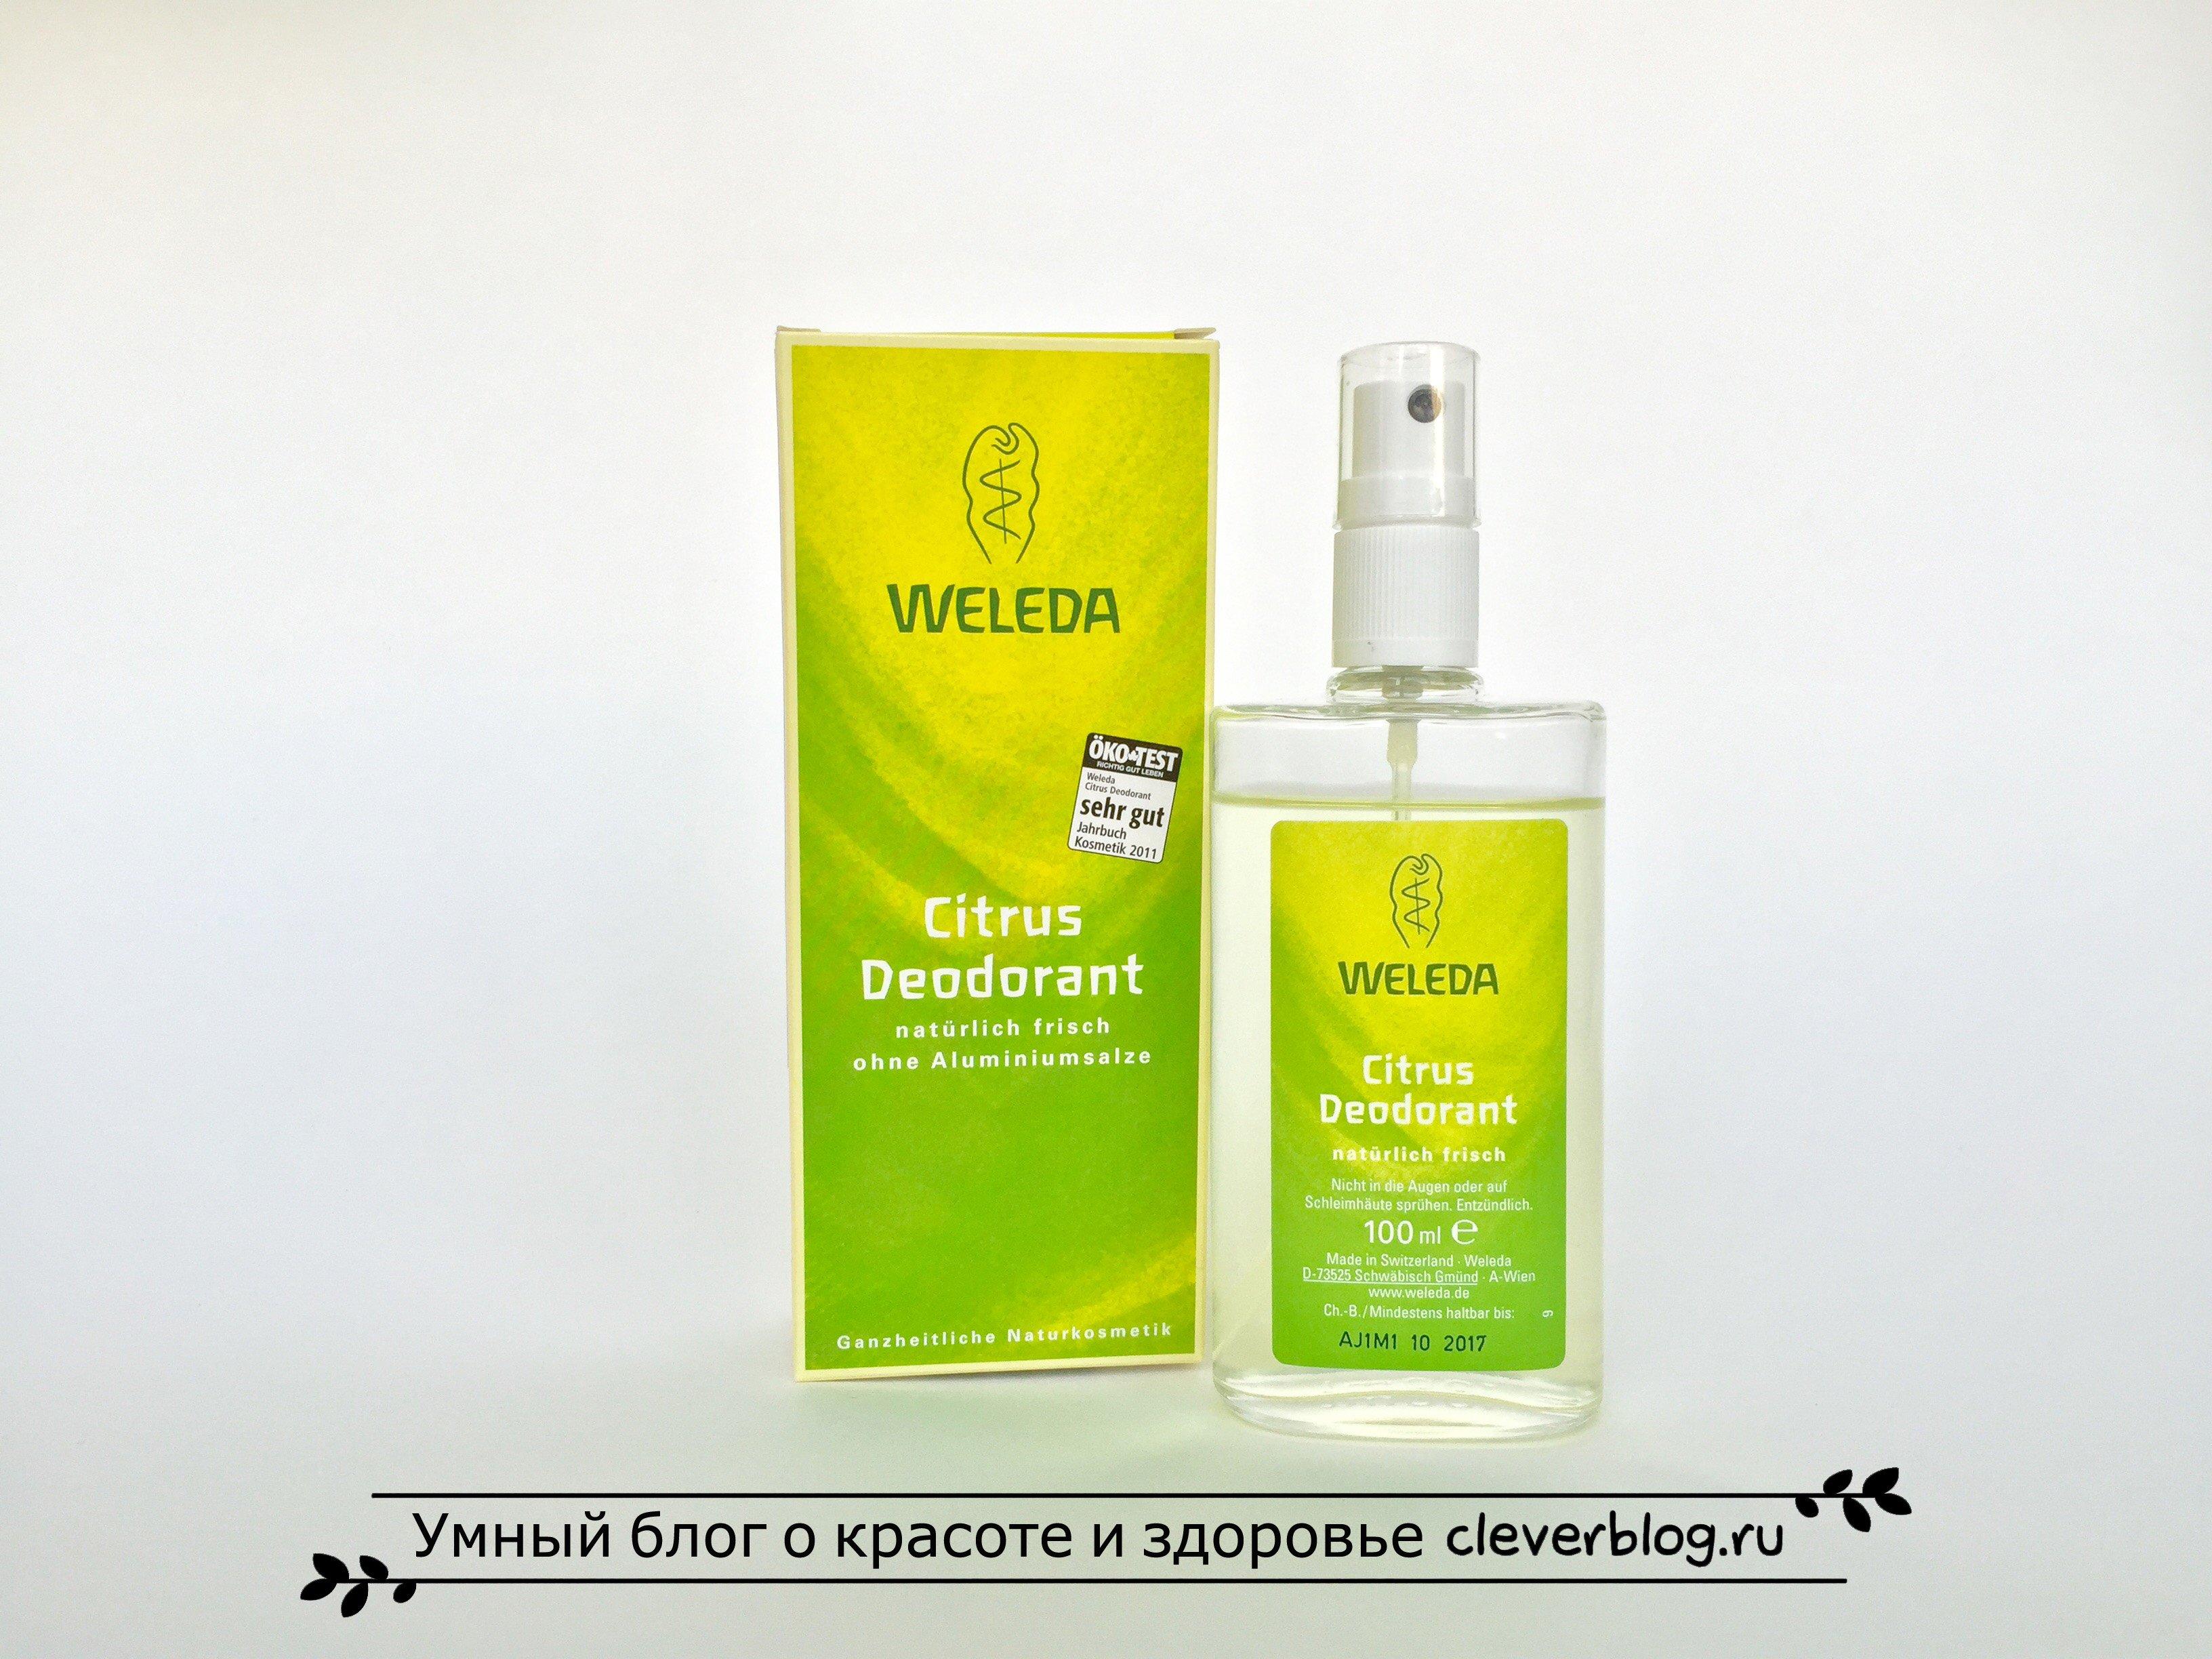 Оправдал ли Дезодорант Weleda свои ожидания? Отзыв о дезодоранте Weleda.